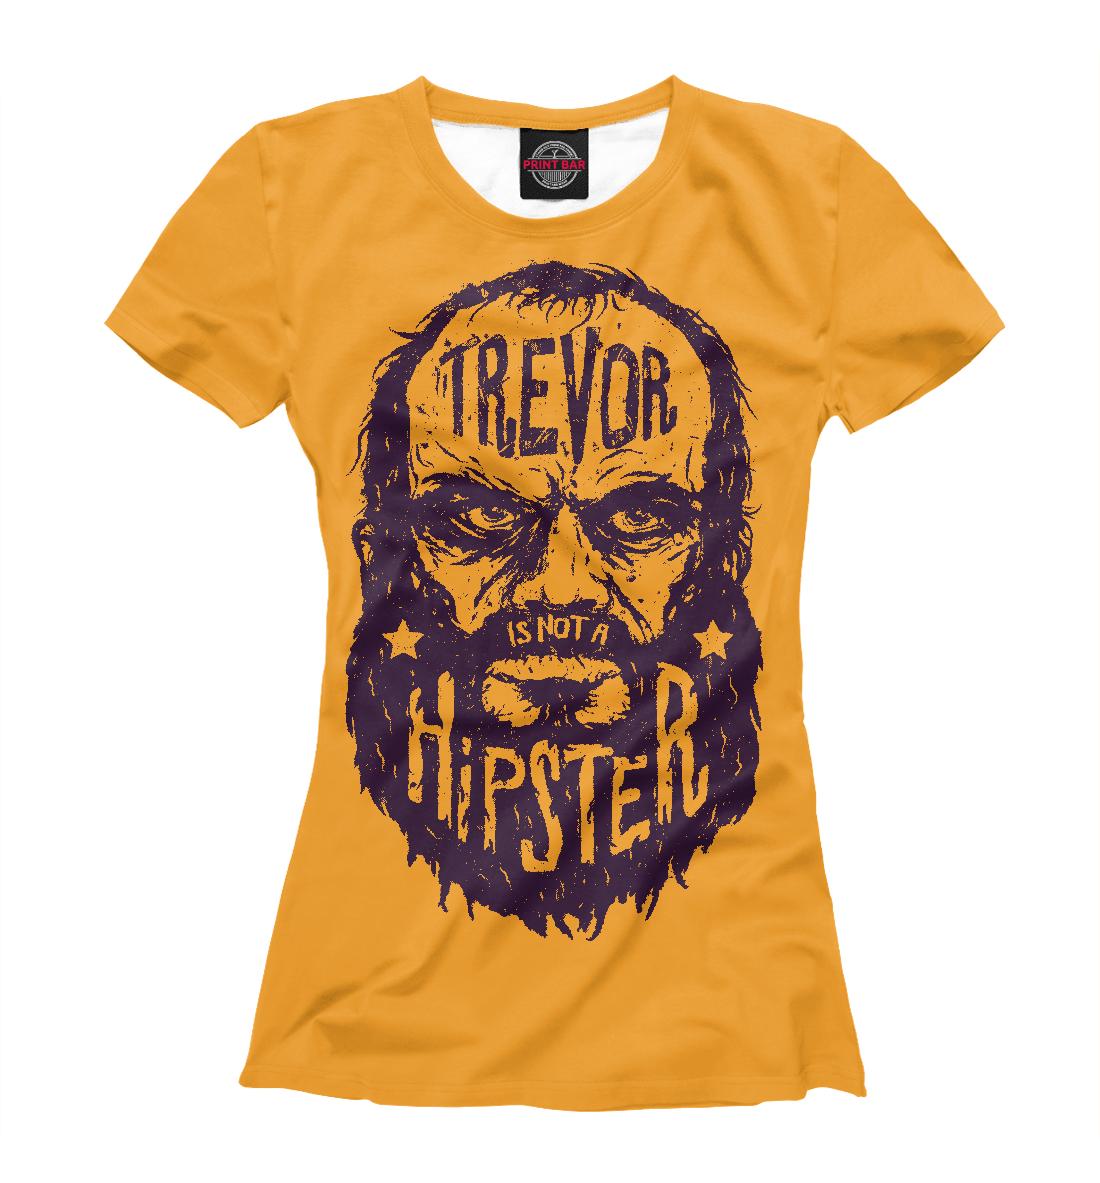 Купить Тревор не хипстер, Printbar, Футболки, HIP-796339-fut-1